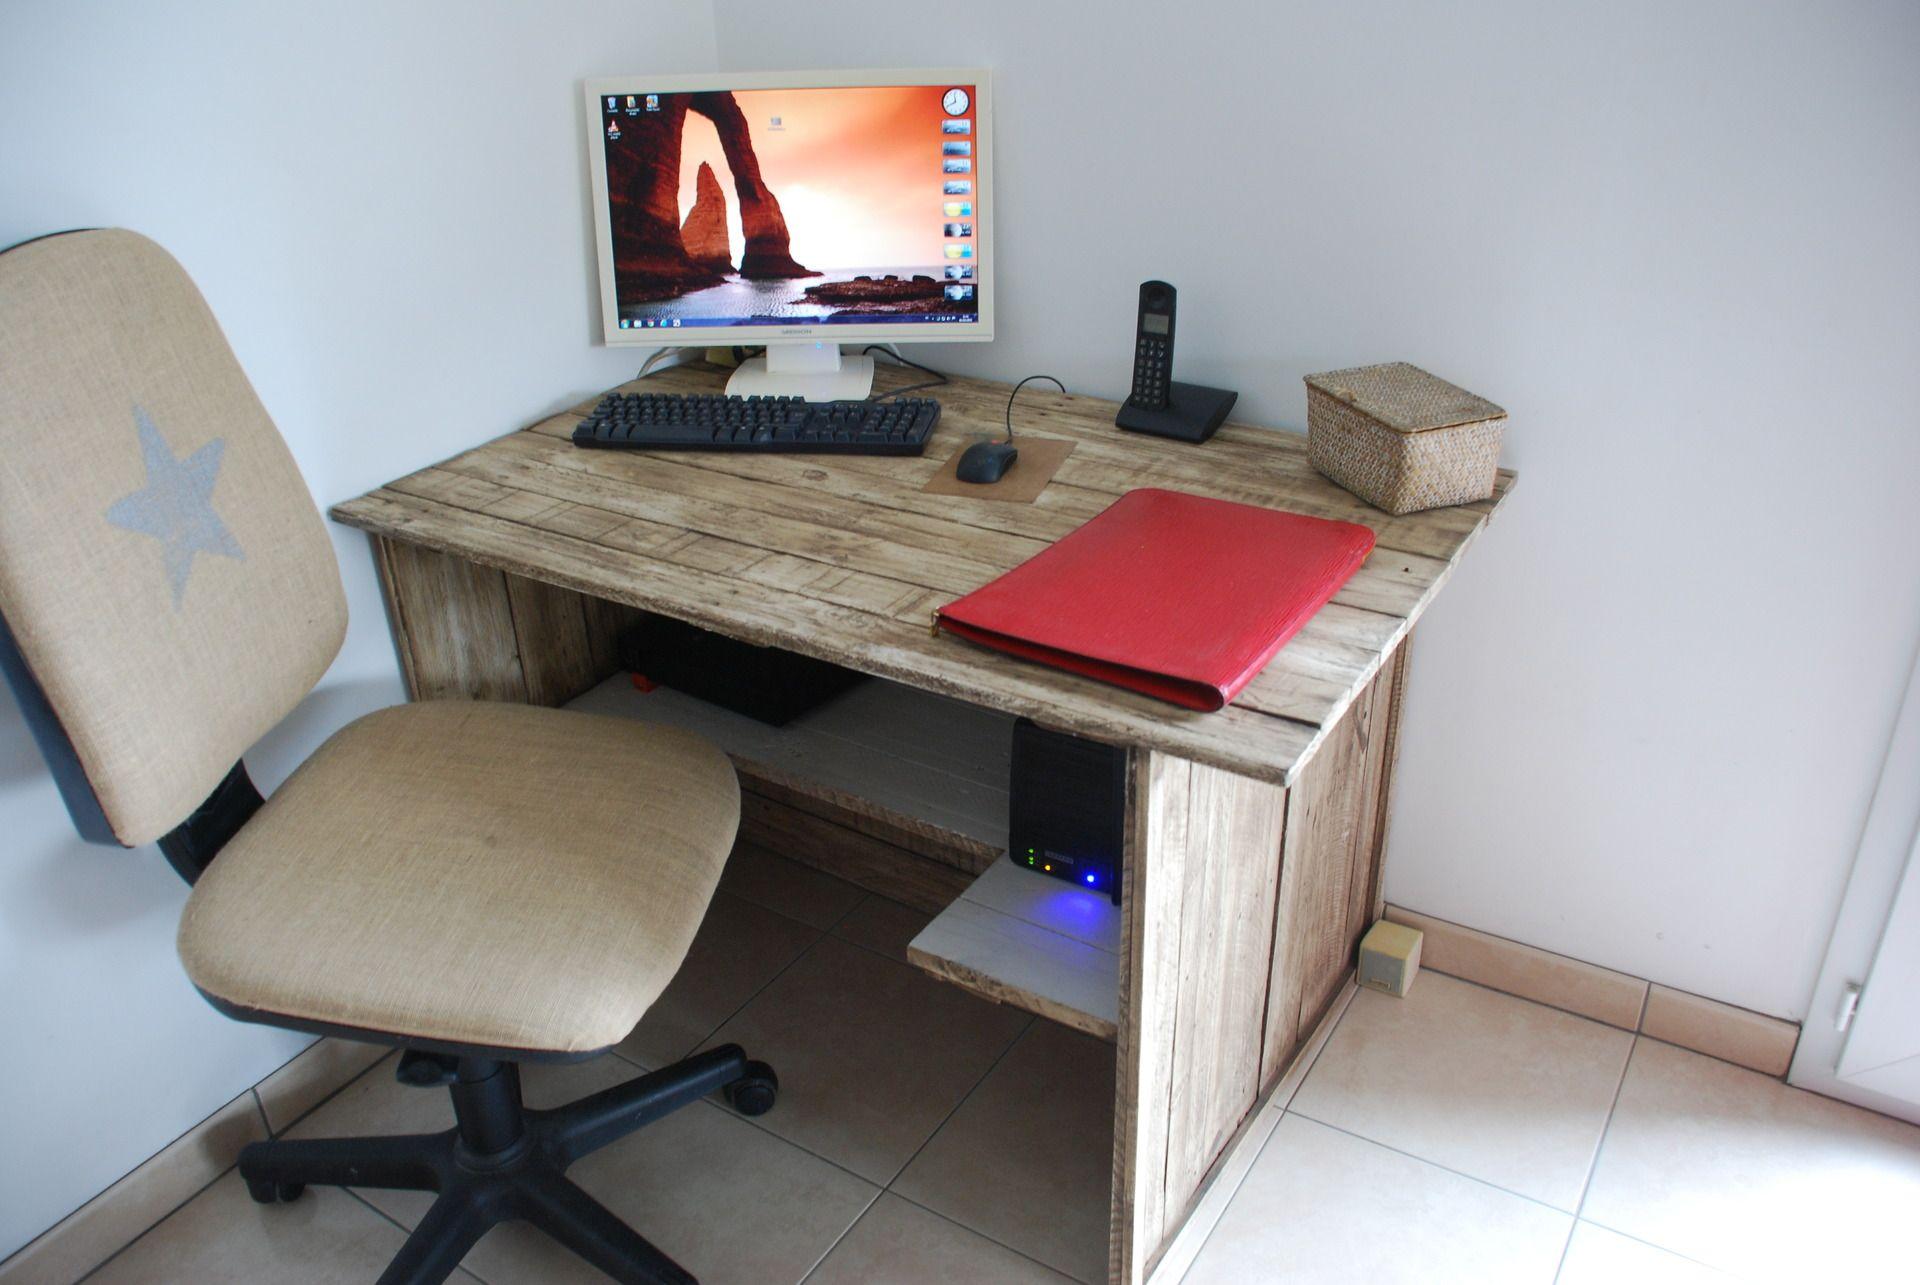 bureau en bois de palette - patiné vieilli : meubles et rangements